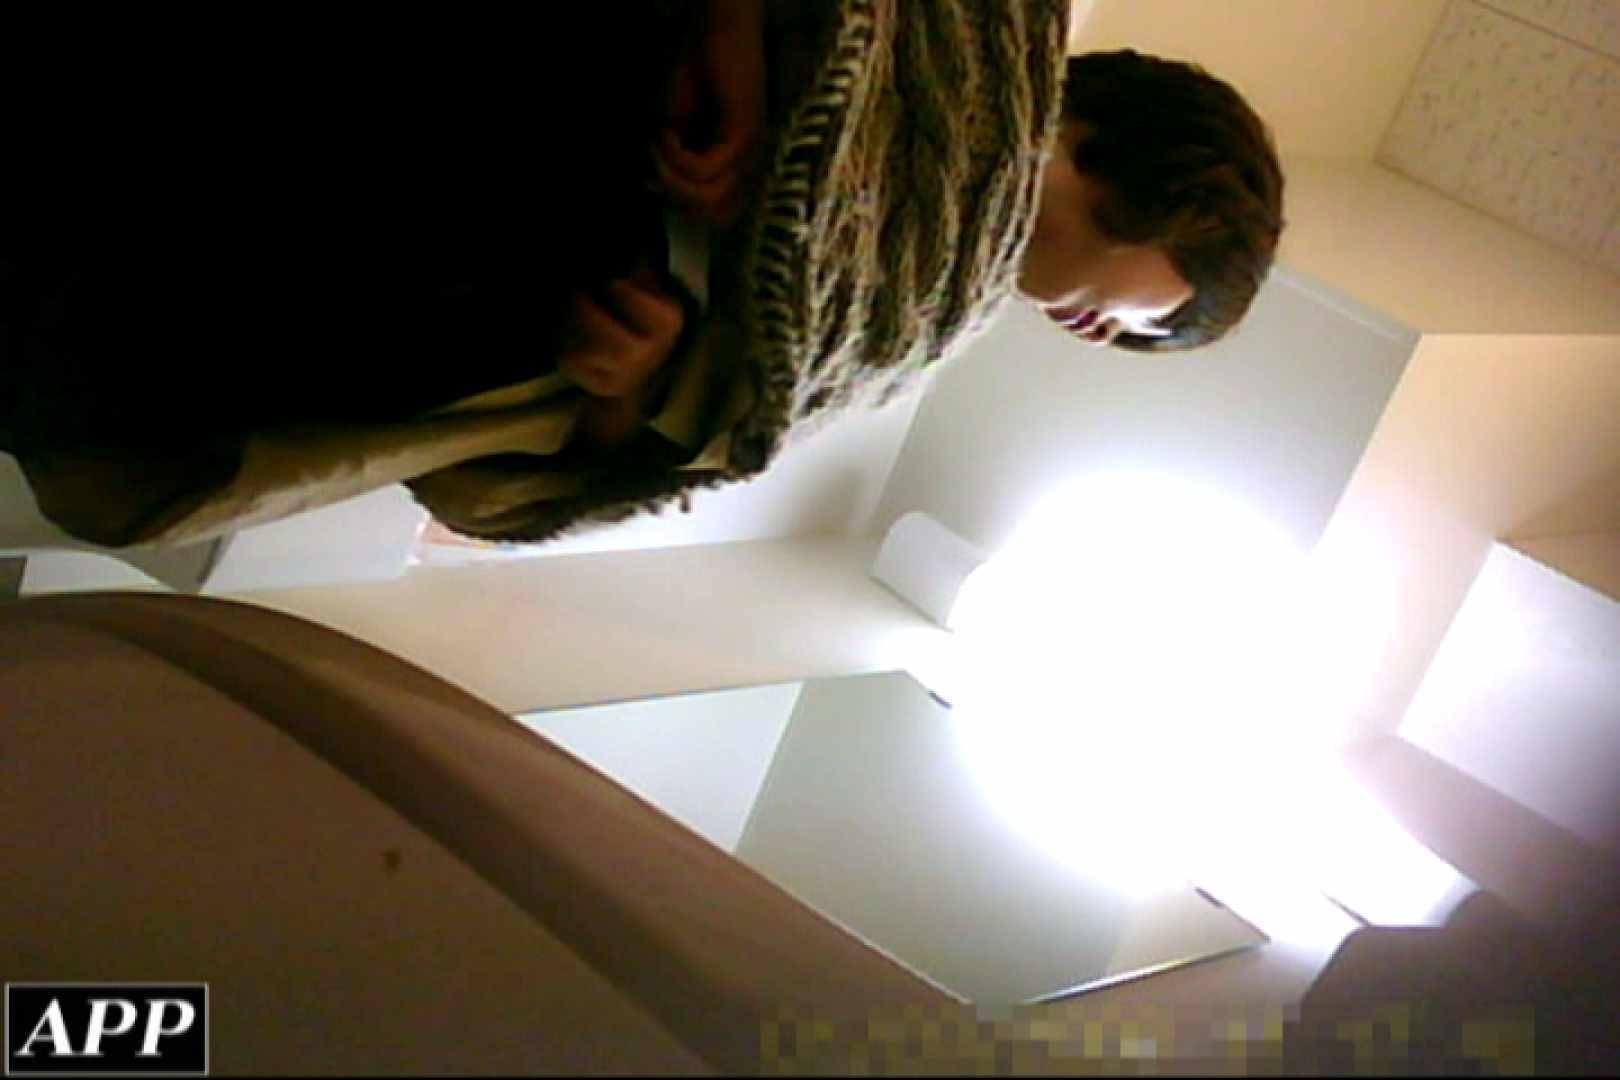 3視点洗面所 vol.05 マンコ オマンコ無修正動画無料 88画像 32